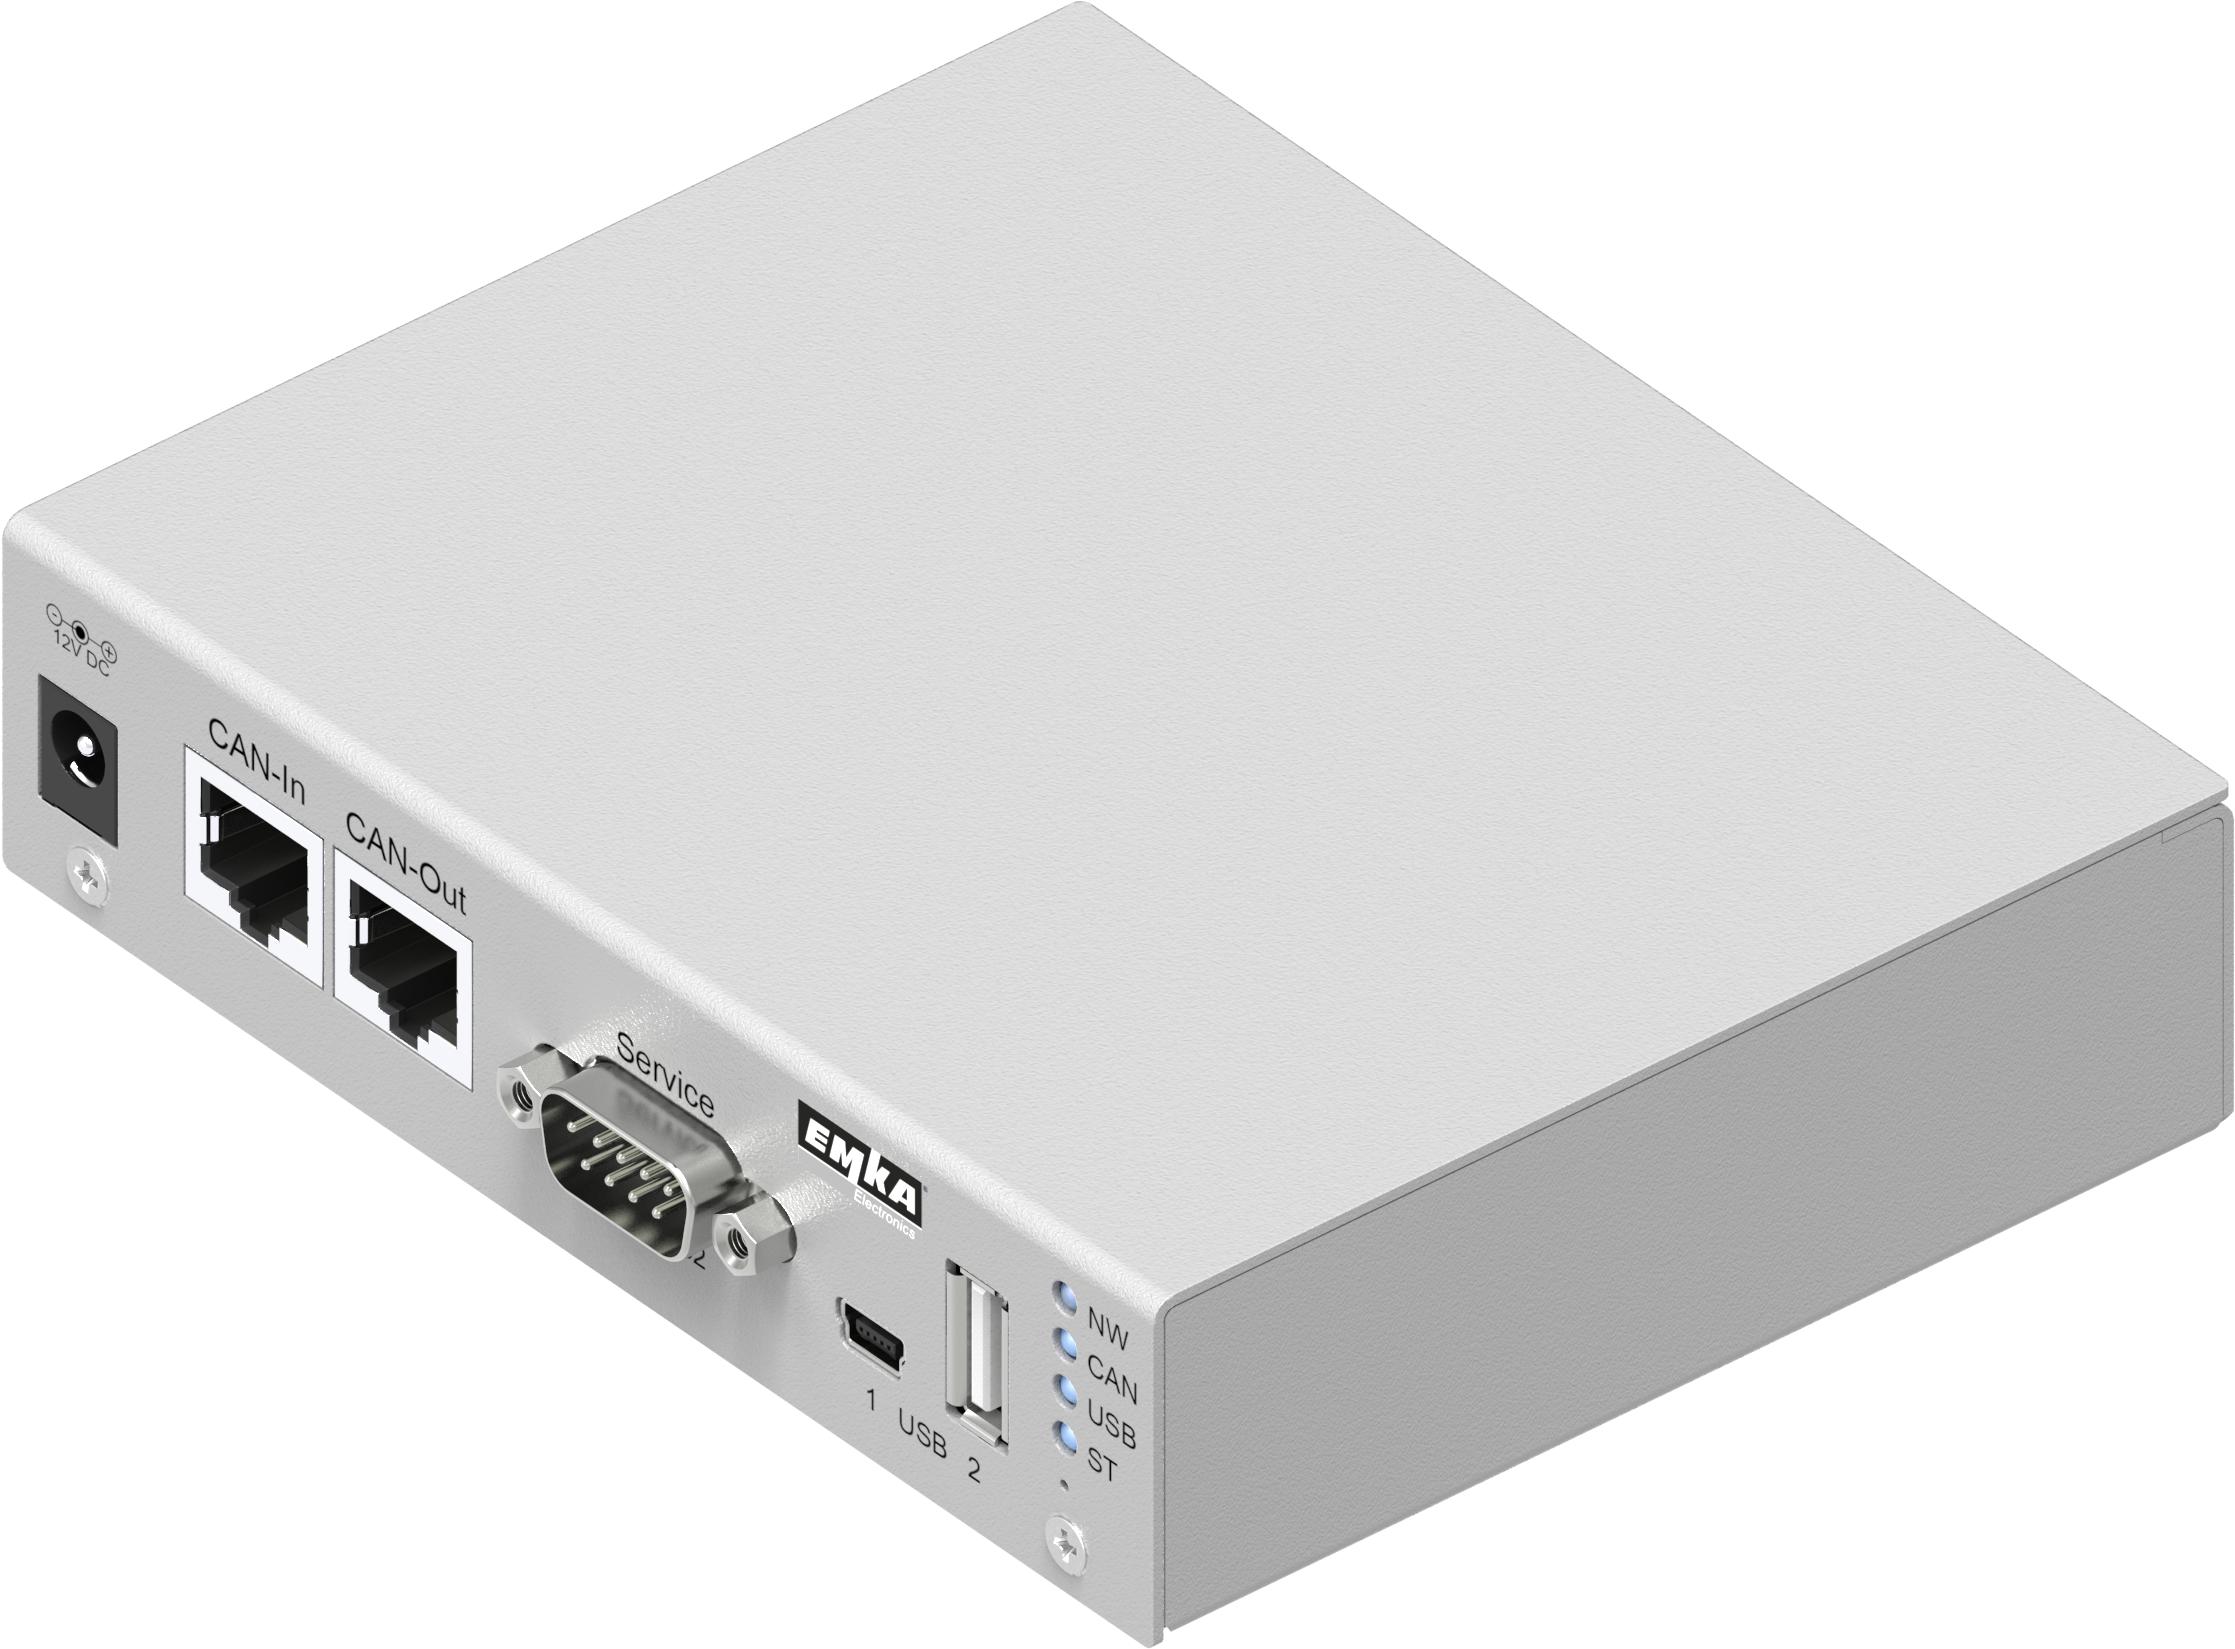 EMKA Système de contrôle électronique